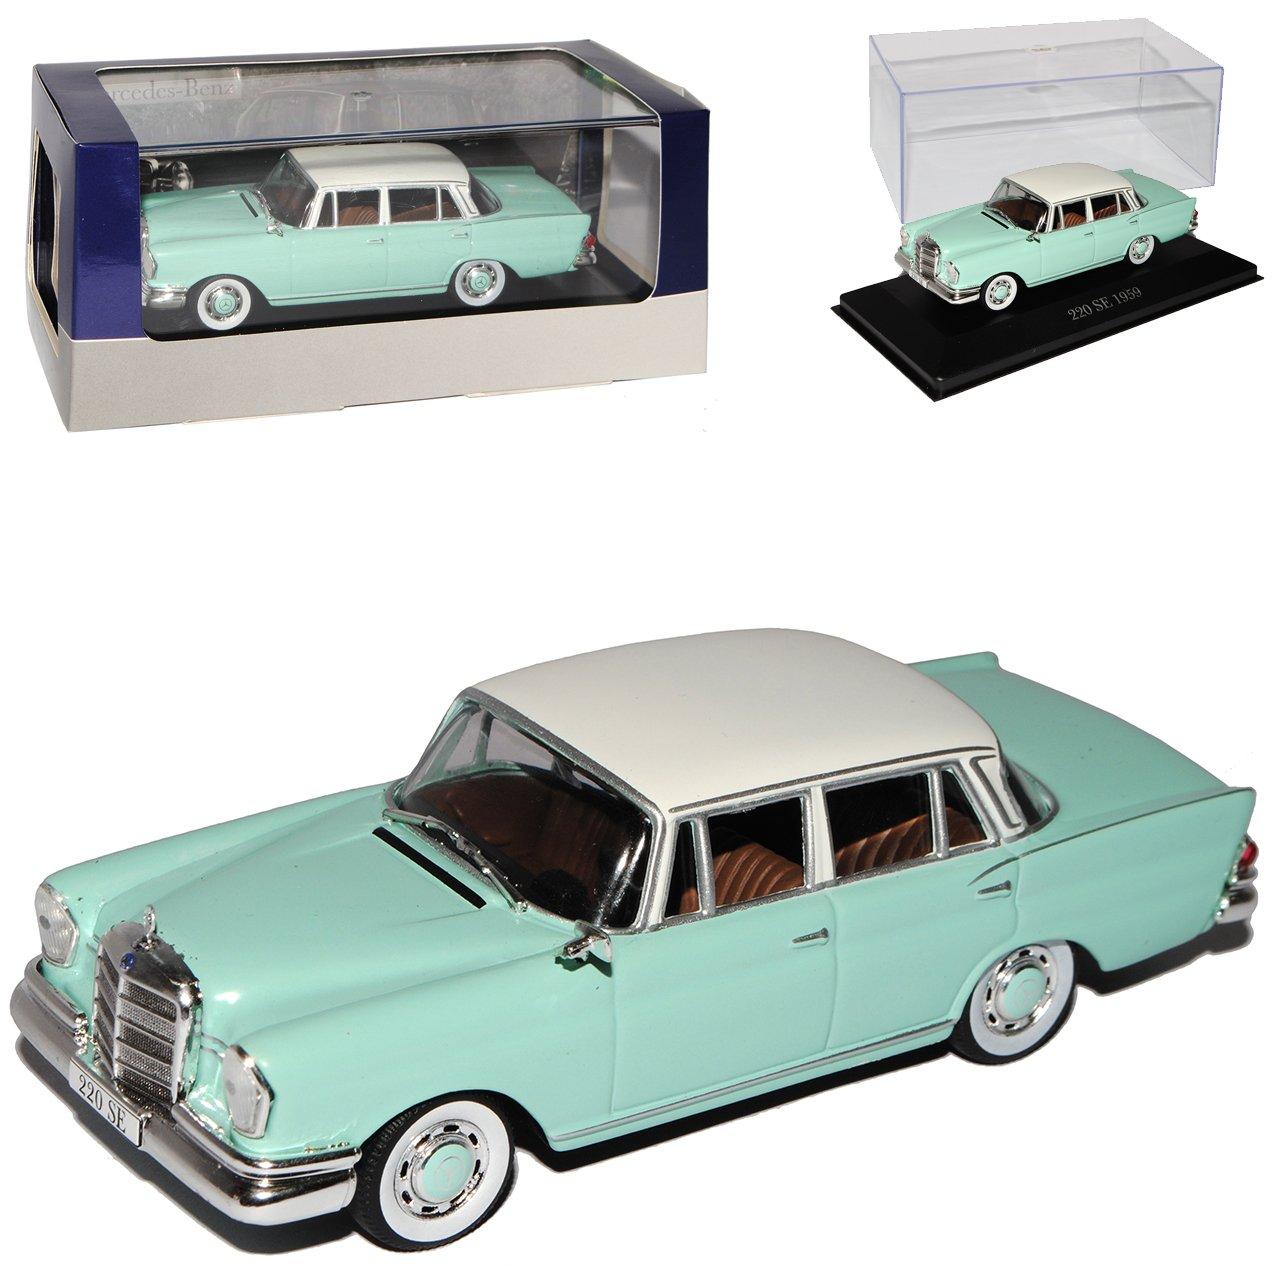 Atlas Mercedes-Benz 220SE Limousine Mint Grün W111 1959-1968 1/43 Modell Auto mit individiuellem Wunschkennzeichen